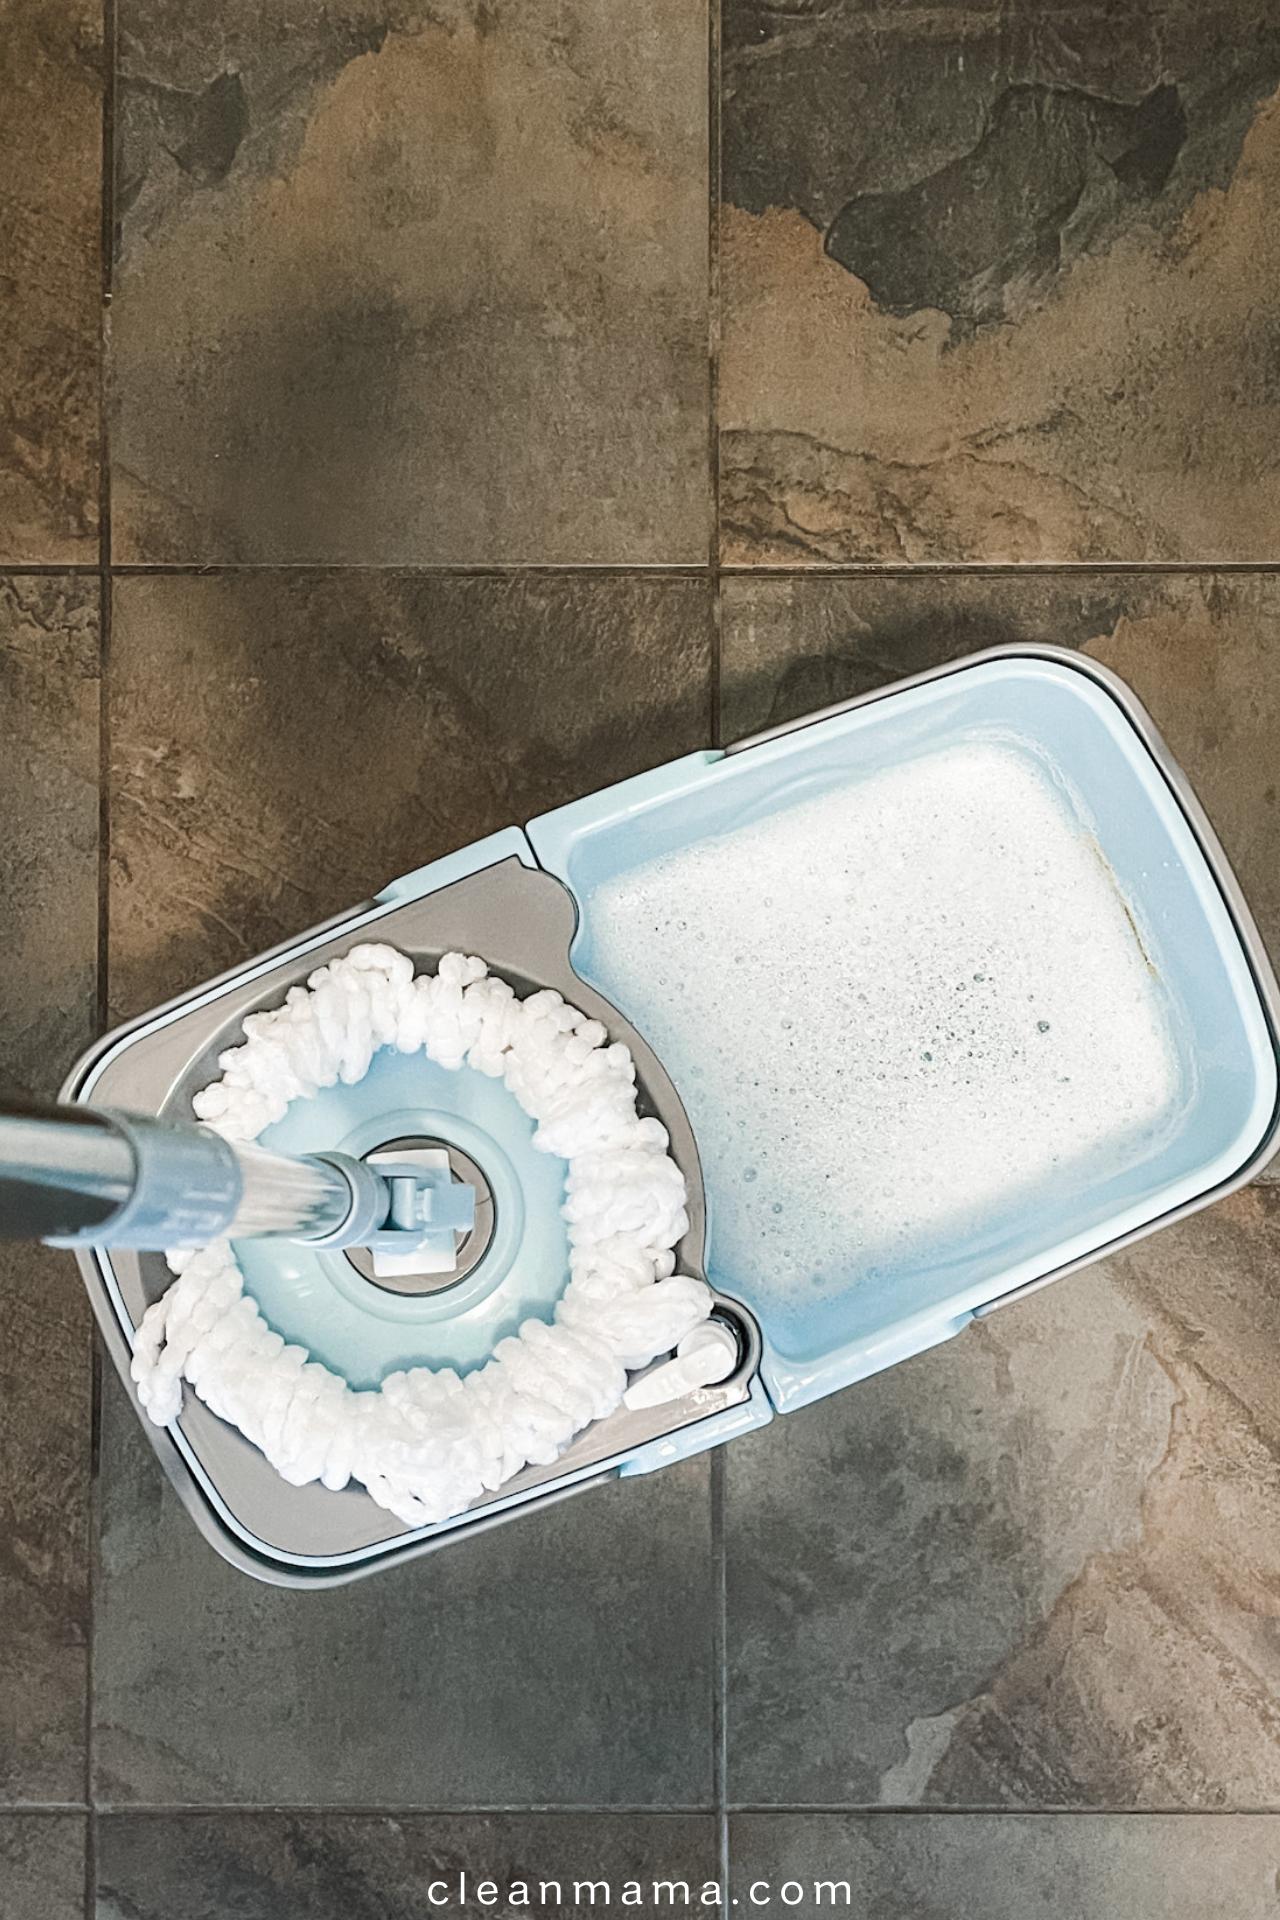 DIY Mop and Bucket Cleaner